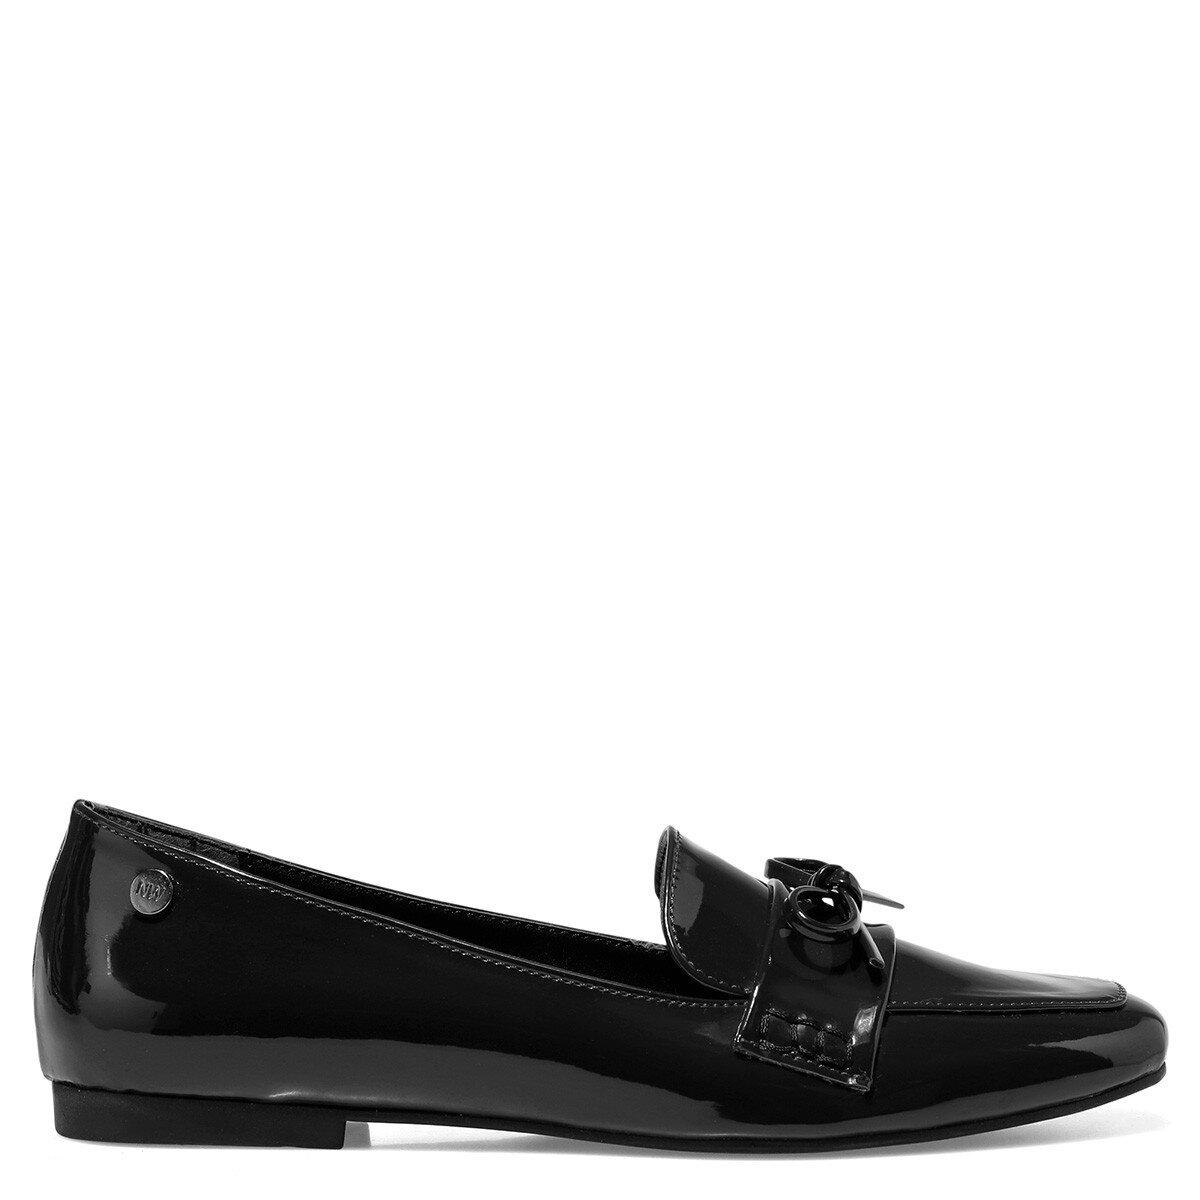 KUNET Siyah Kadın Loafer Ayakkabı